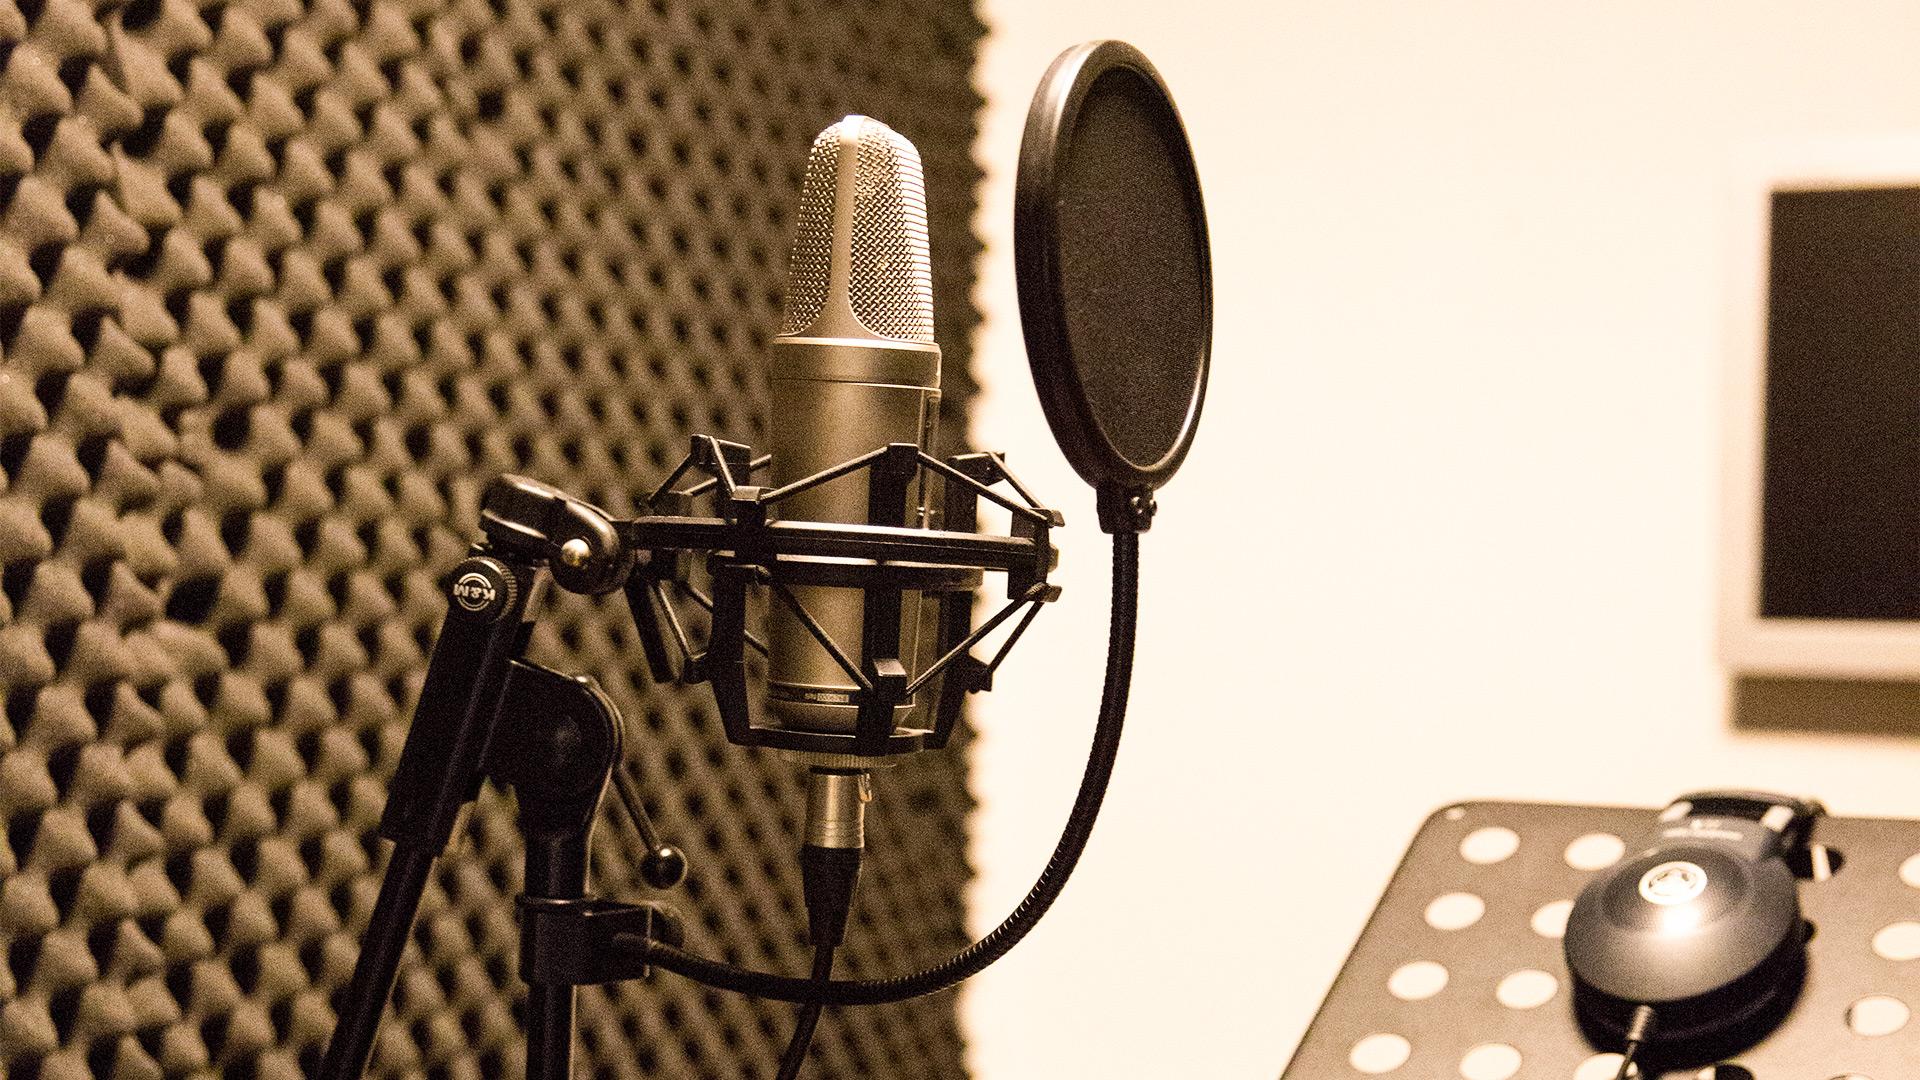 Besplatna muzička radionica u Banjaluci: Saznaj sve o snimanju albuma